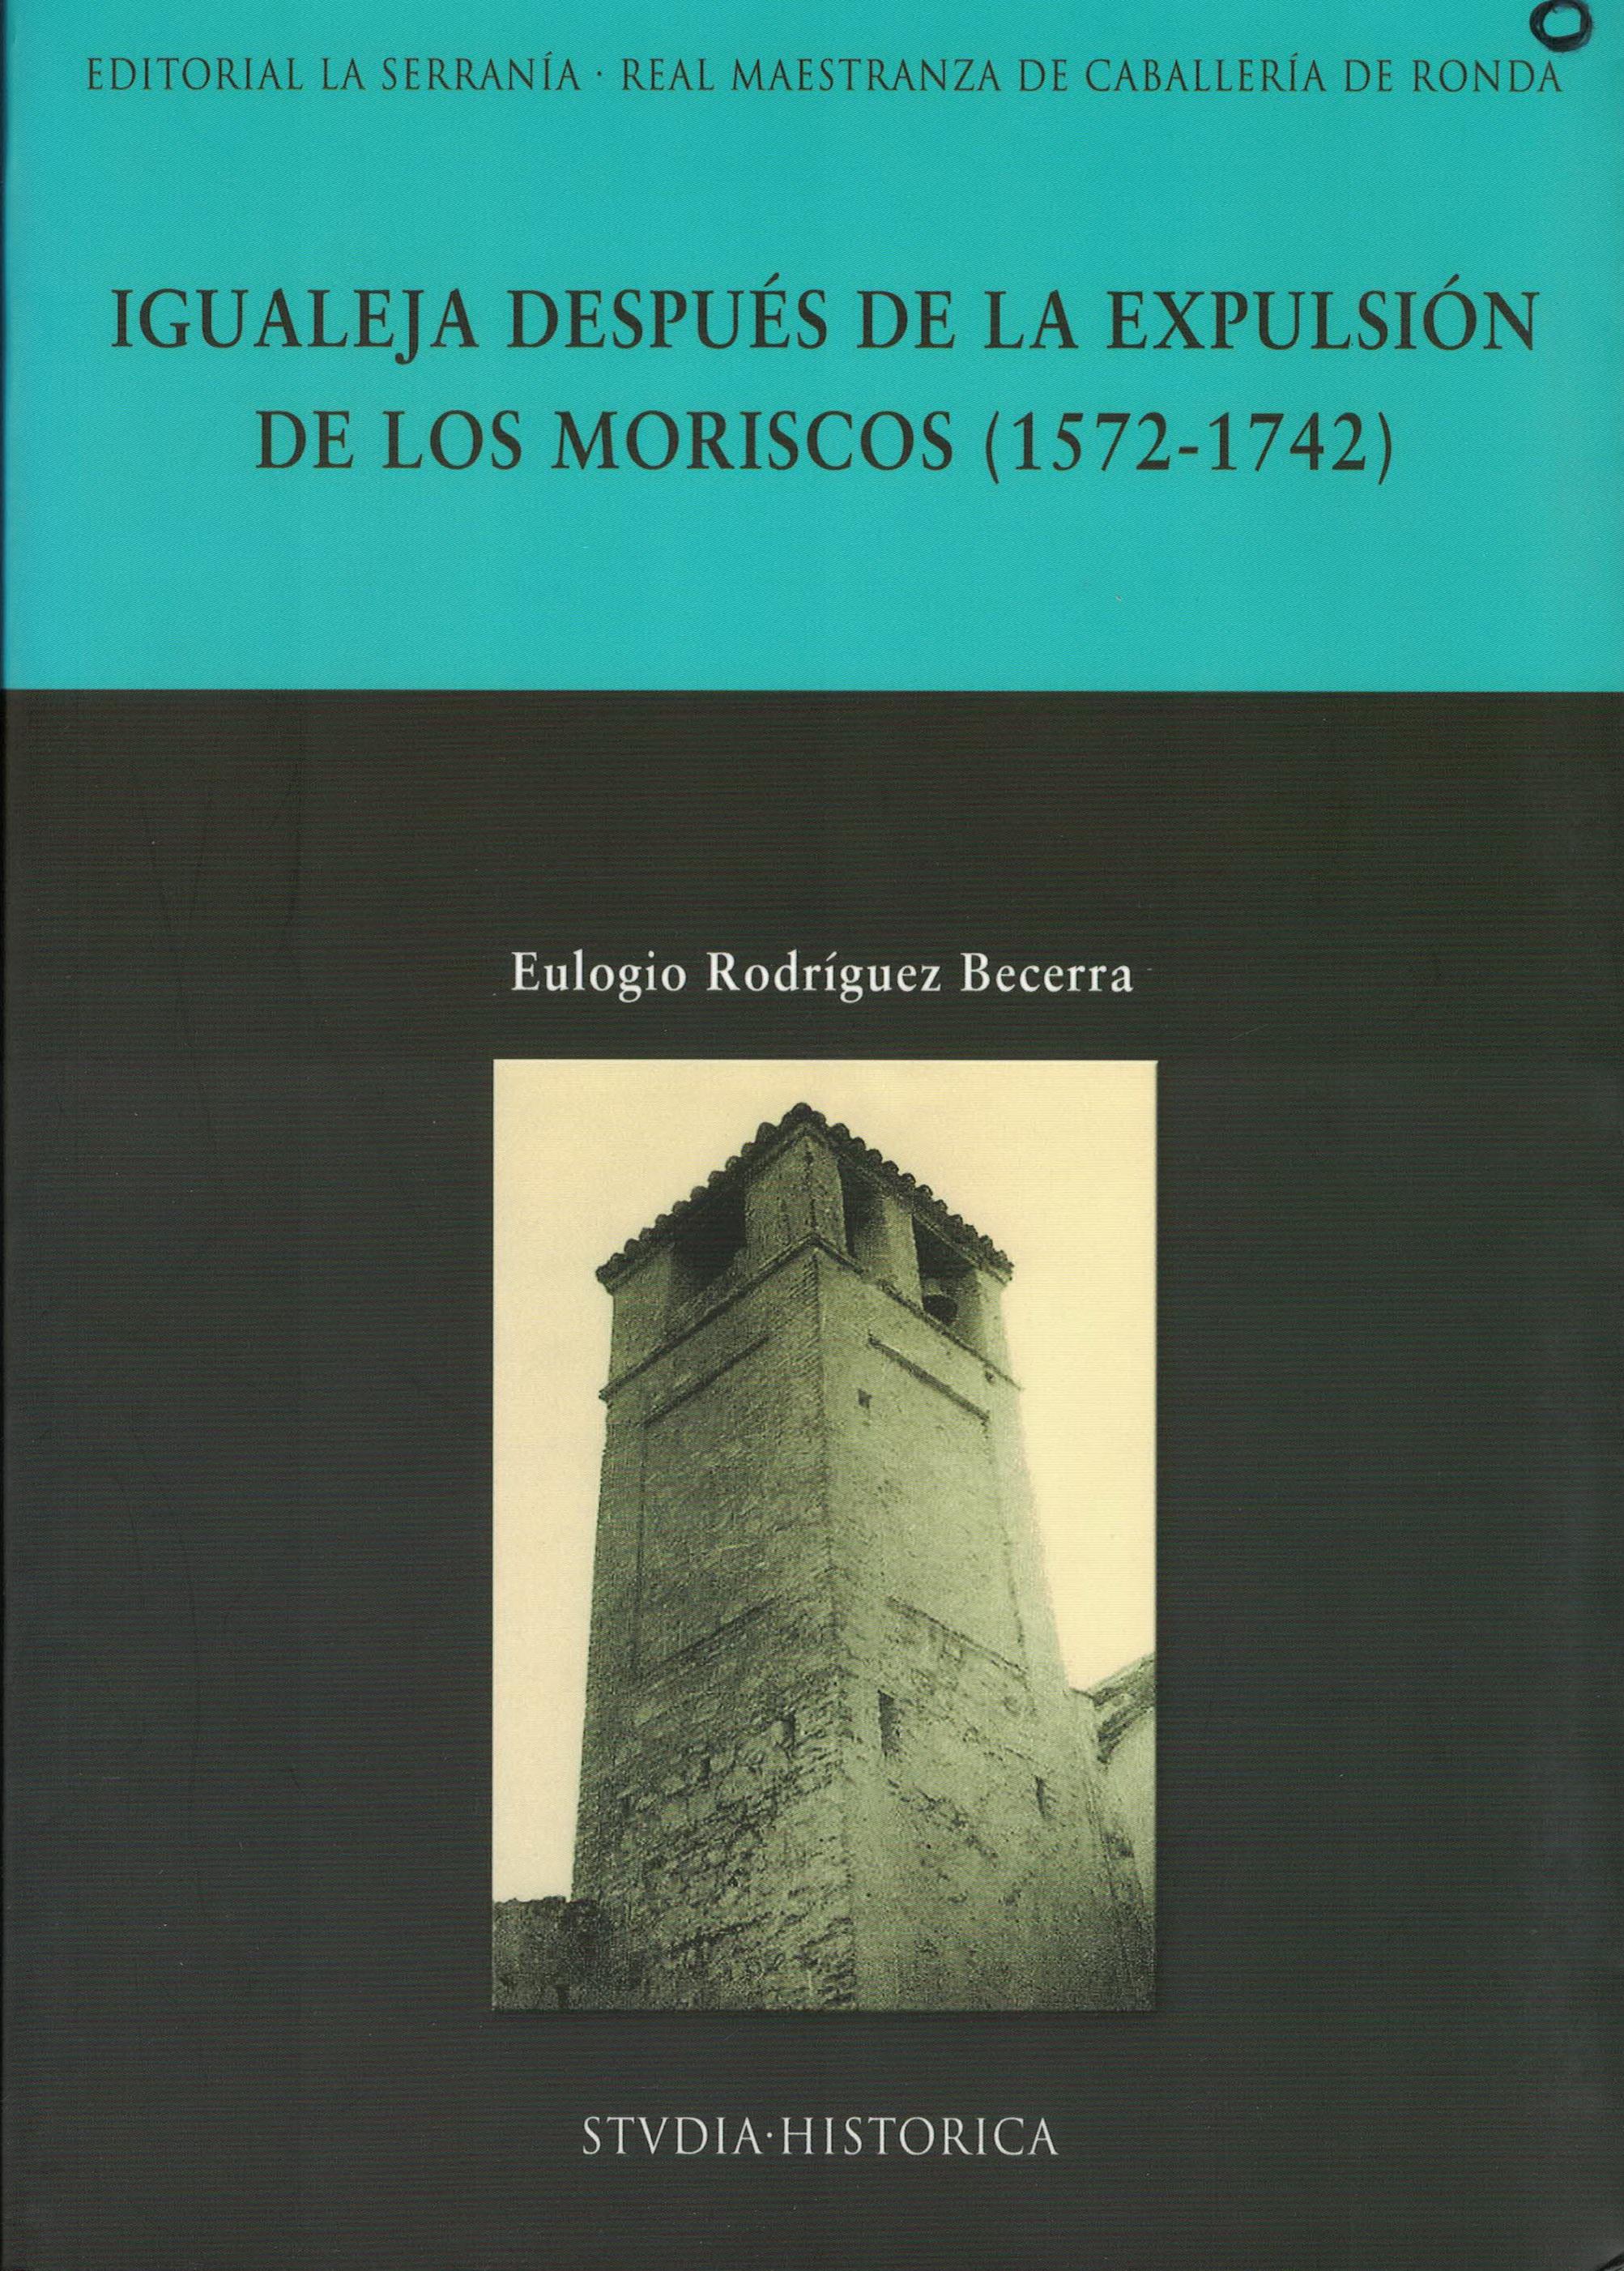 Igualeja despues de la expulsion de los moriscos